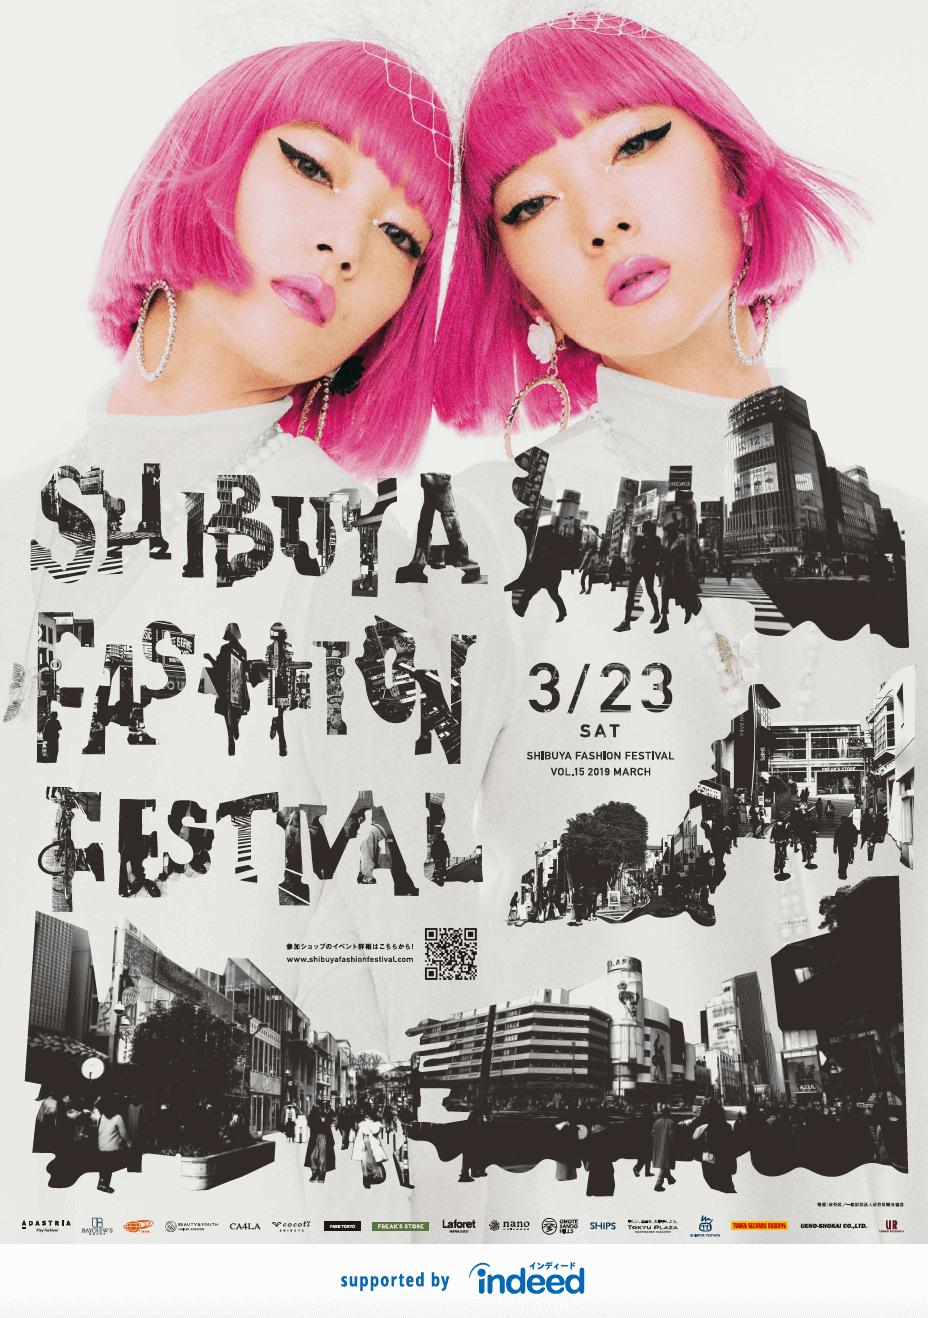 シブヤファッション・フェスティバル.15_shibuya_fashion_festibal_poster_ポスター_1